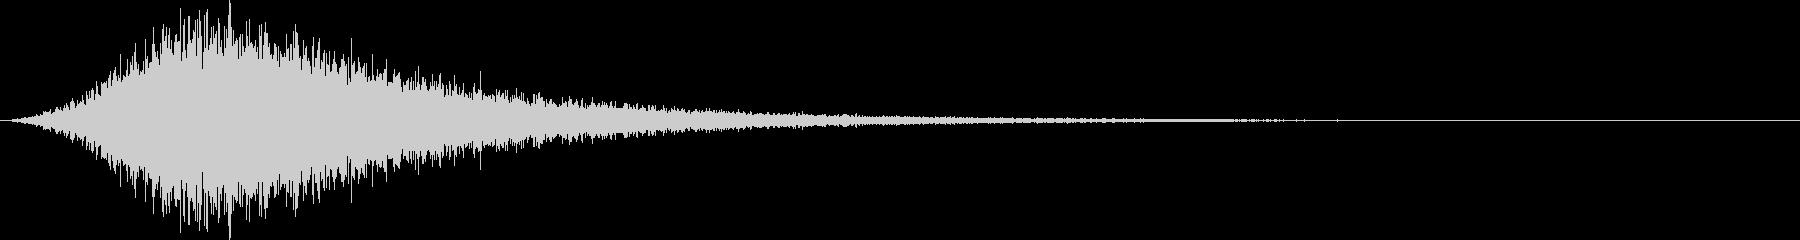 ゴーストリーフラッターの未再生の波形